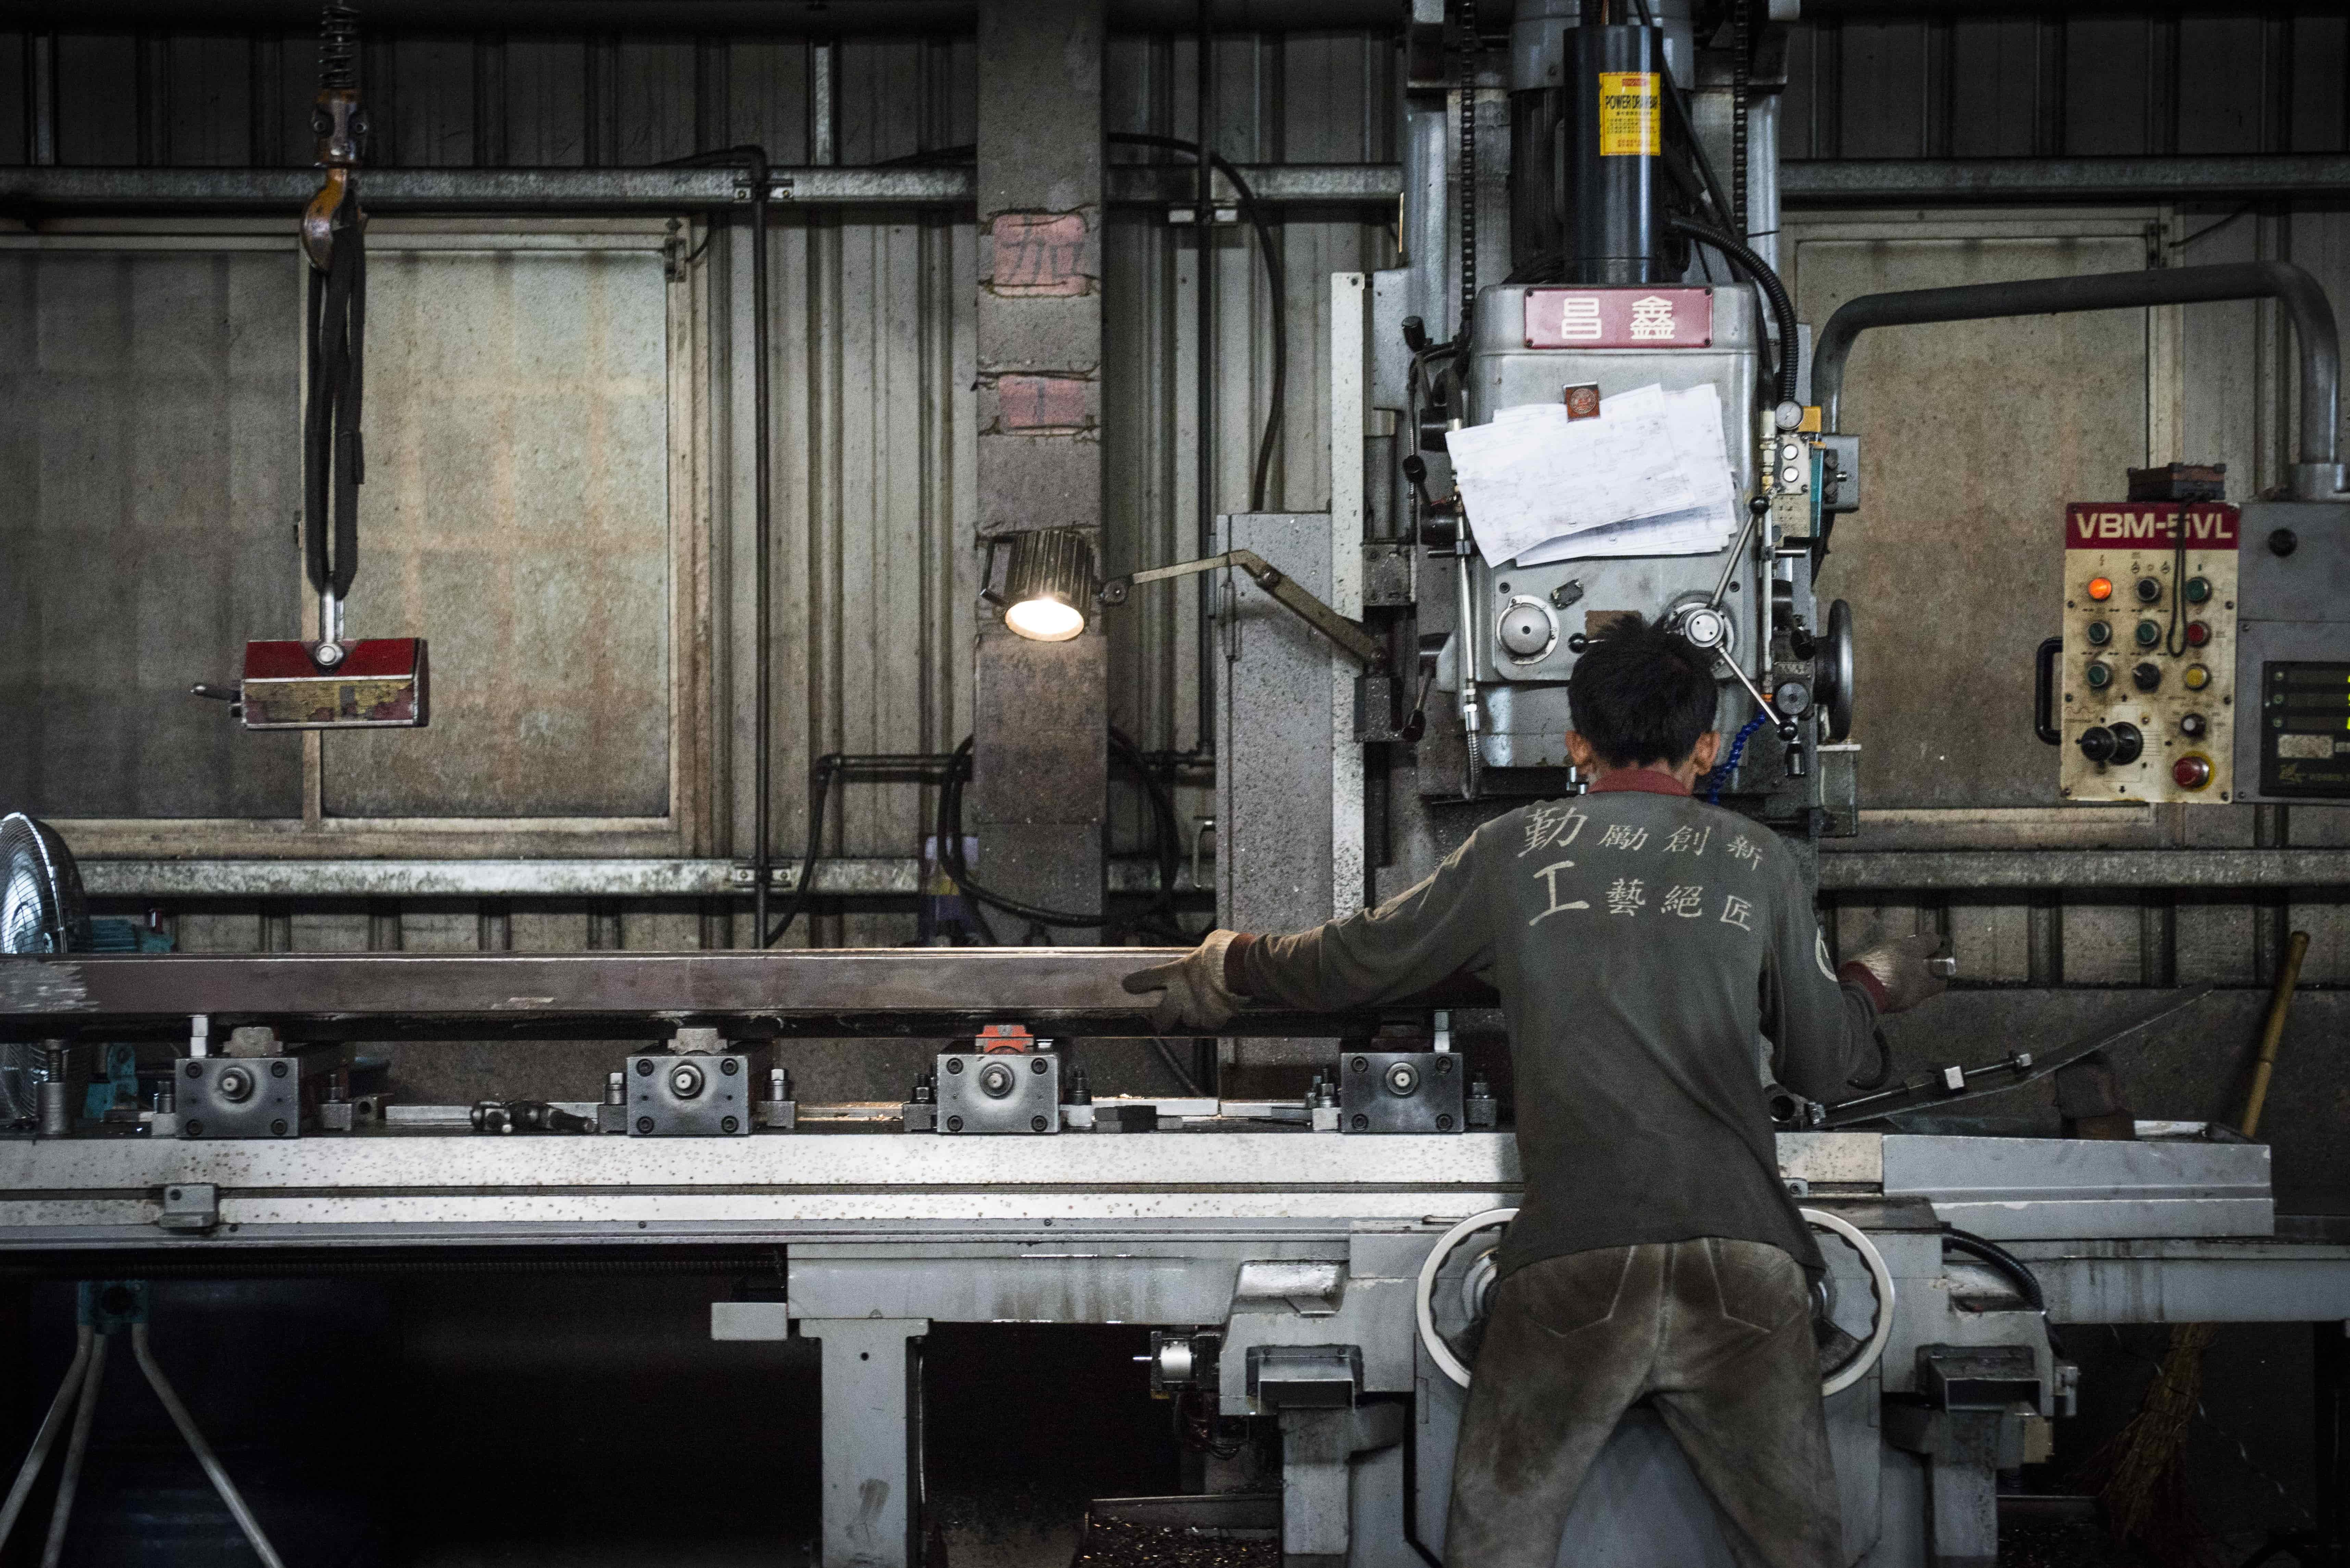 Axon-forklift worker